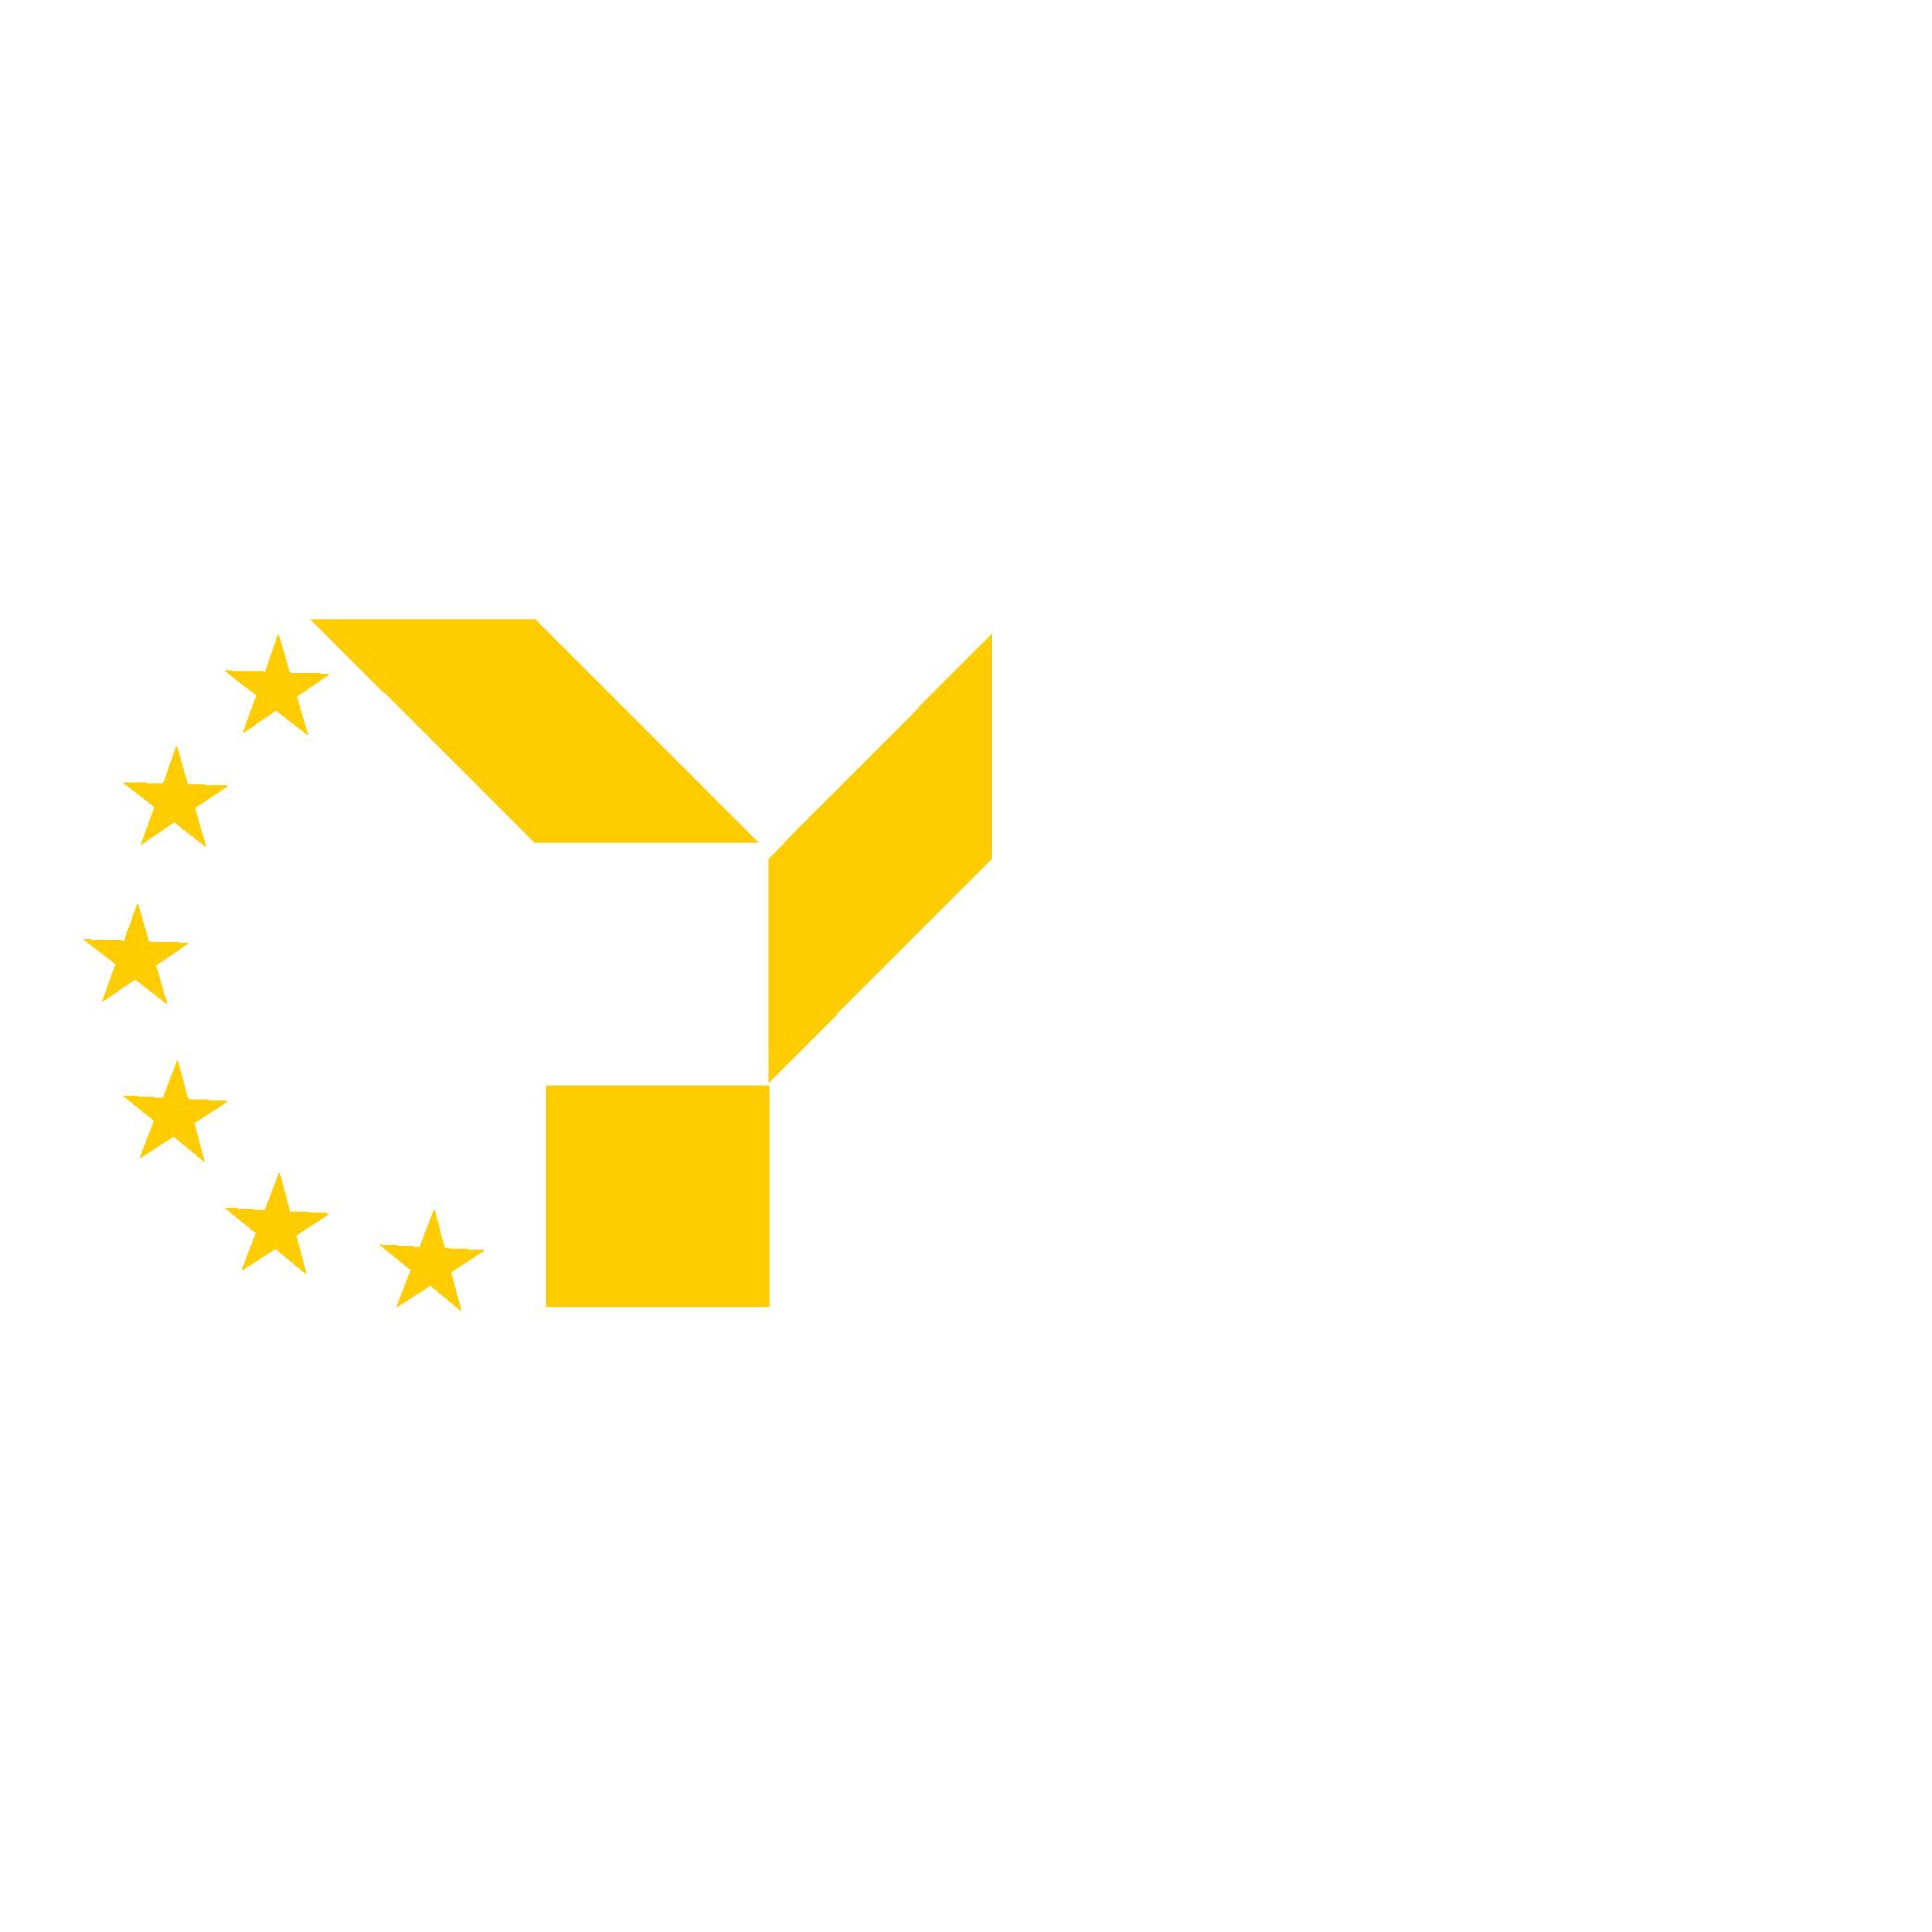 Markenzeichen der BKK EUREGIO